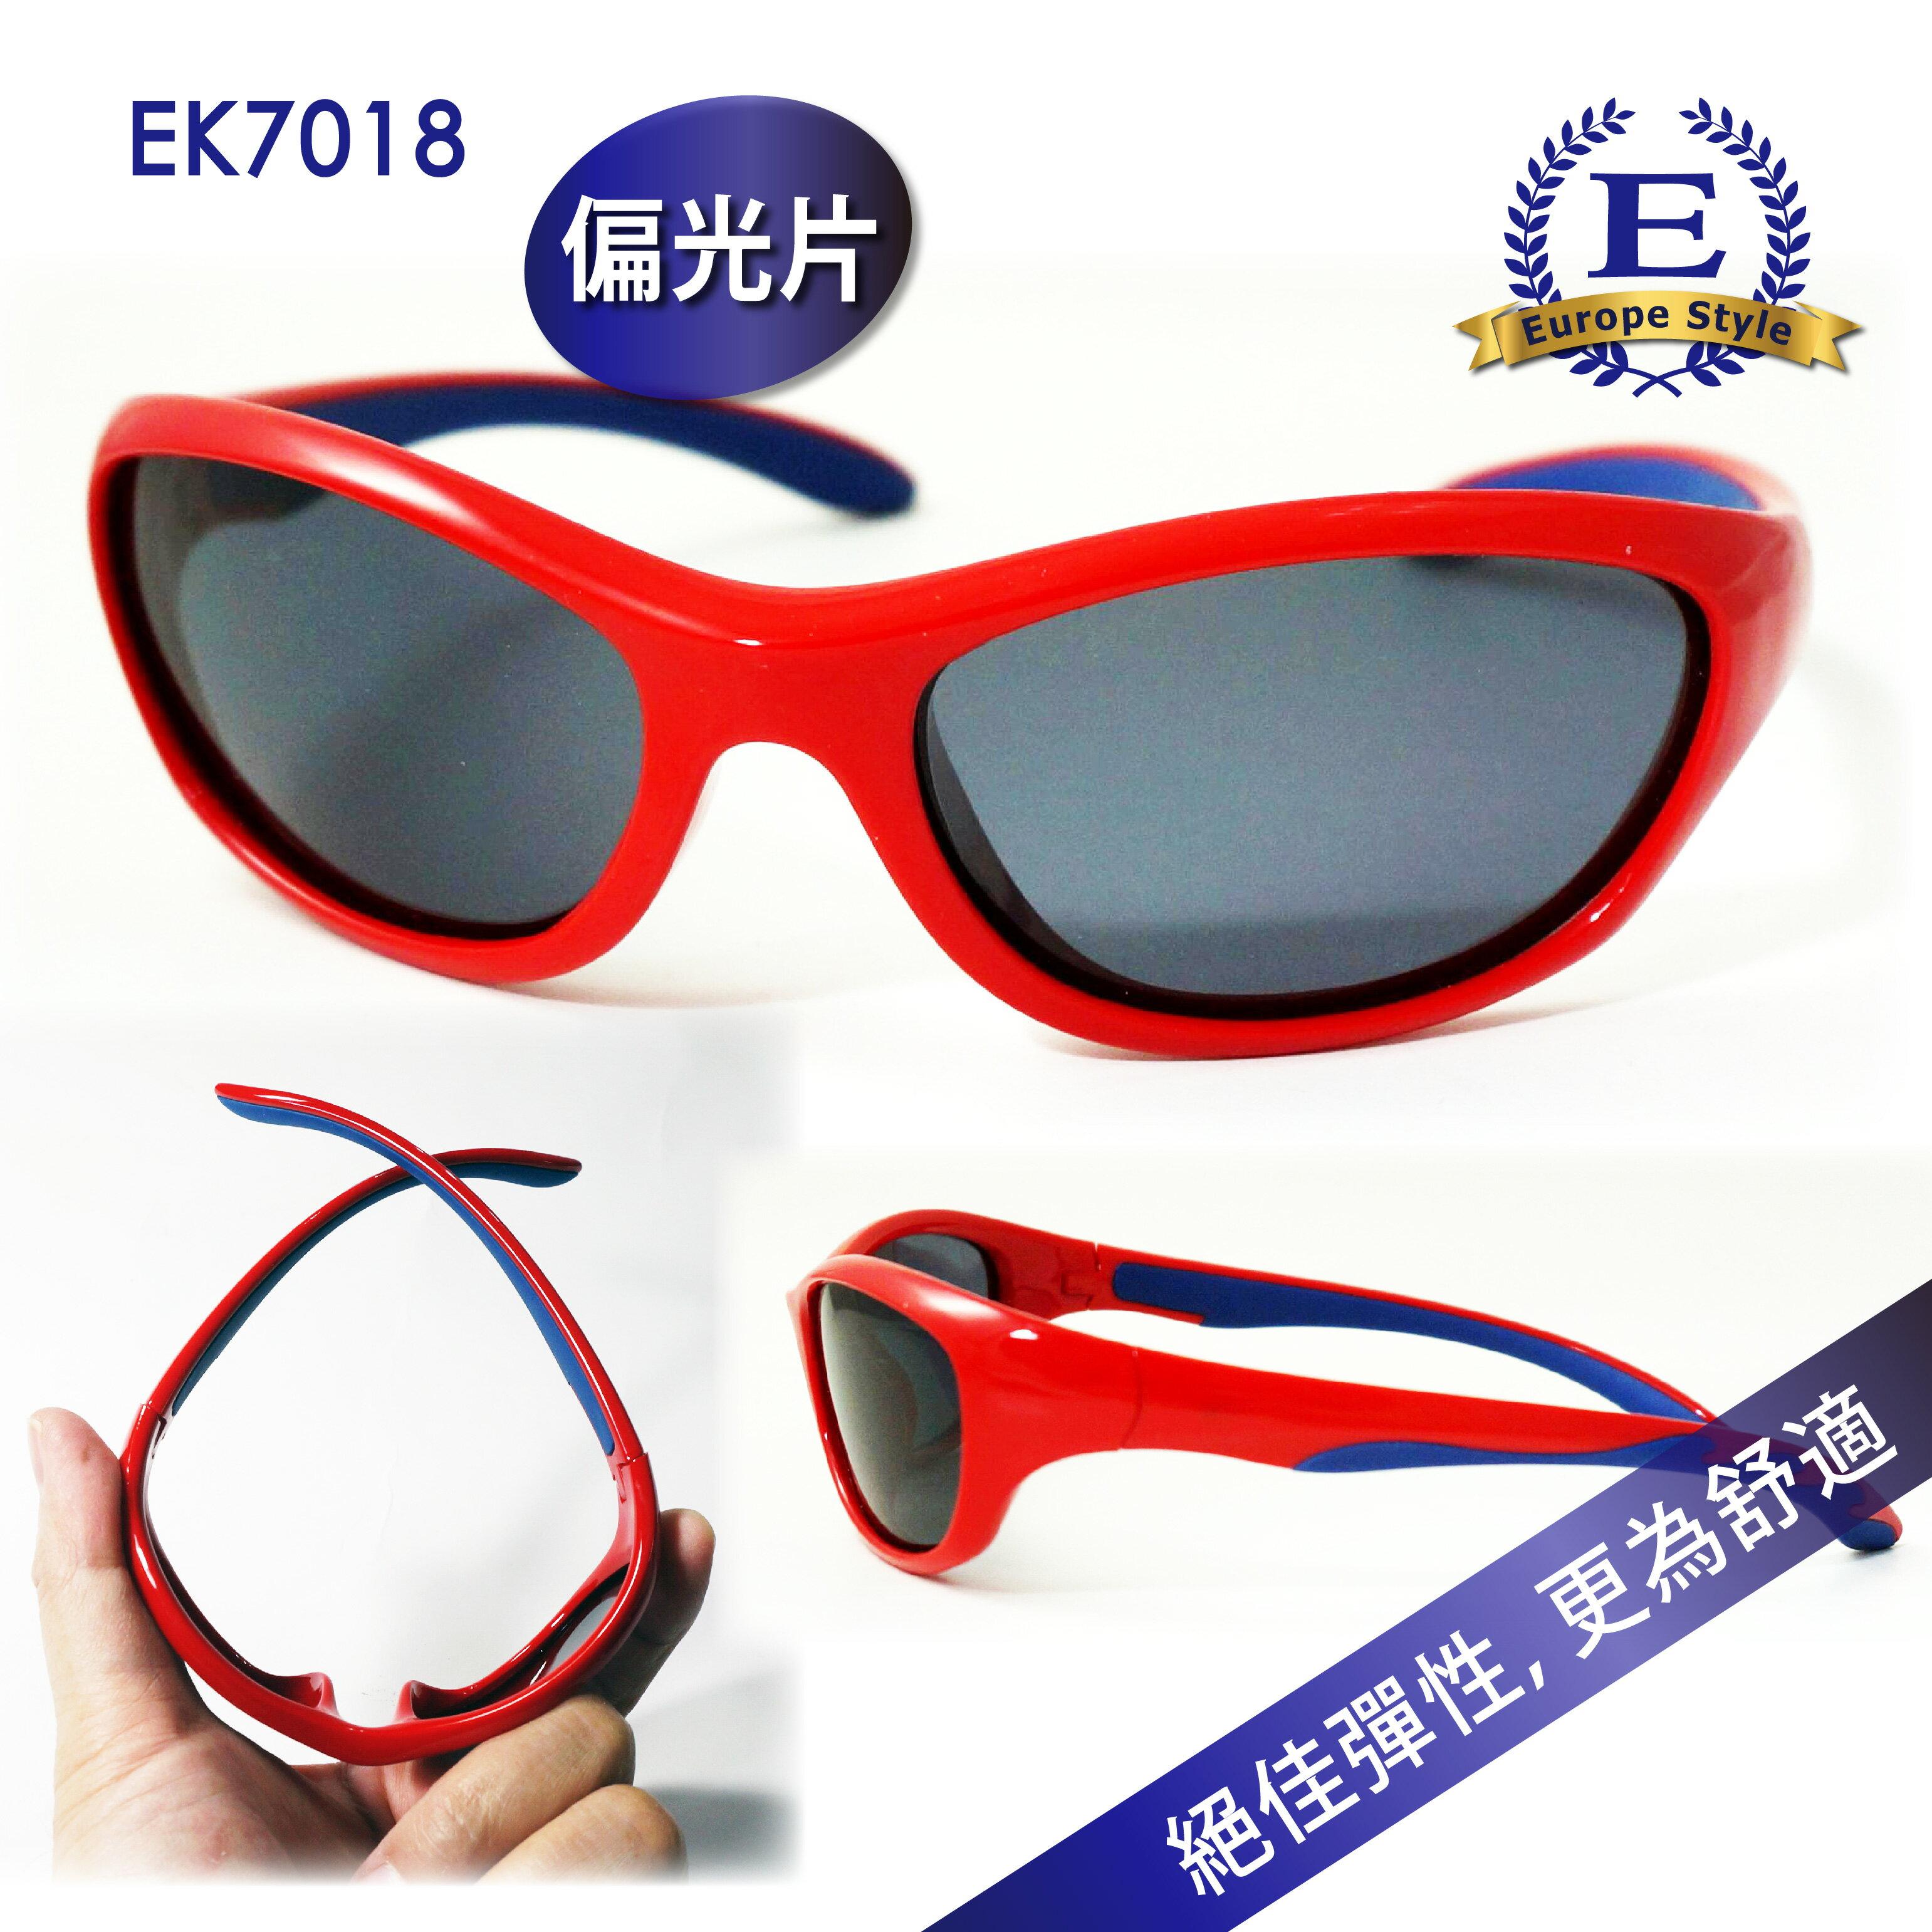 【歐風天地】兒童偏光太陽眼鏡 EK7018 偏光太陽眼鏡 防風眼鏡 單車眼鏡 運動太陽眼鏡 運動眼鏡 自行車眼鏡  野外戶外用品